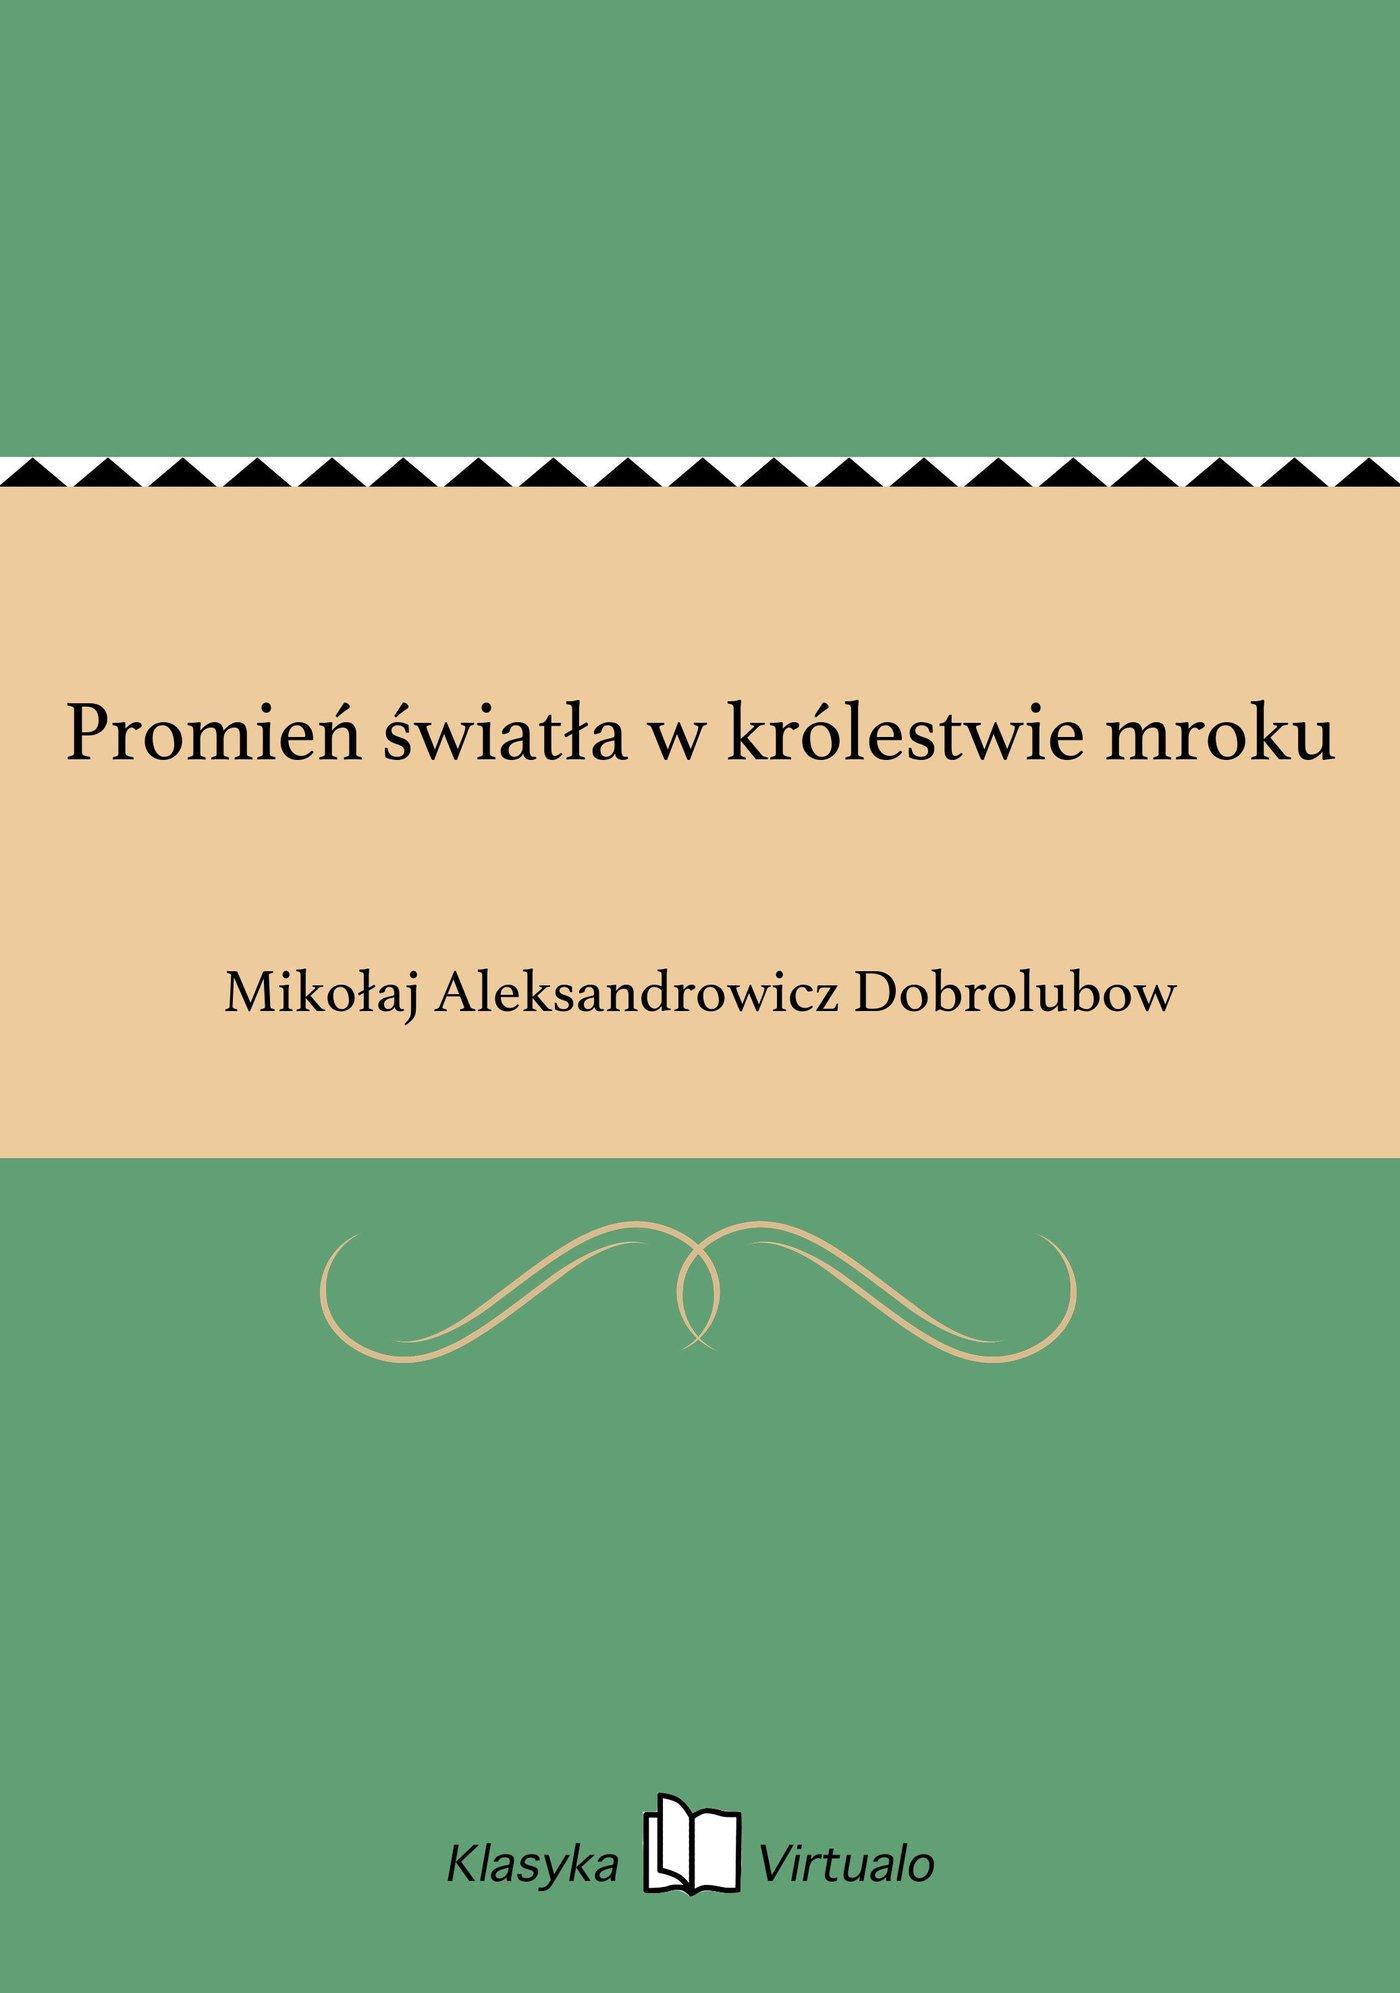 Promień światła w królestwie mroku - Ebook (Książka na Kindle) do pobrania w formacie MOBI